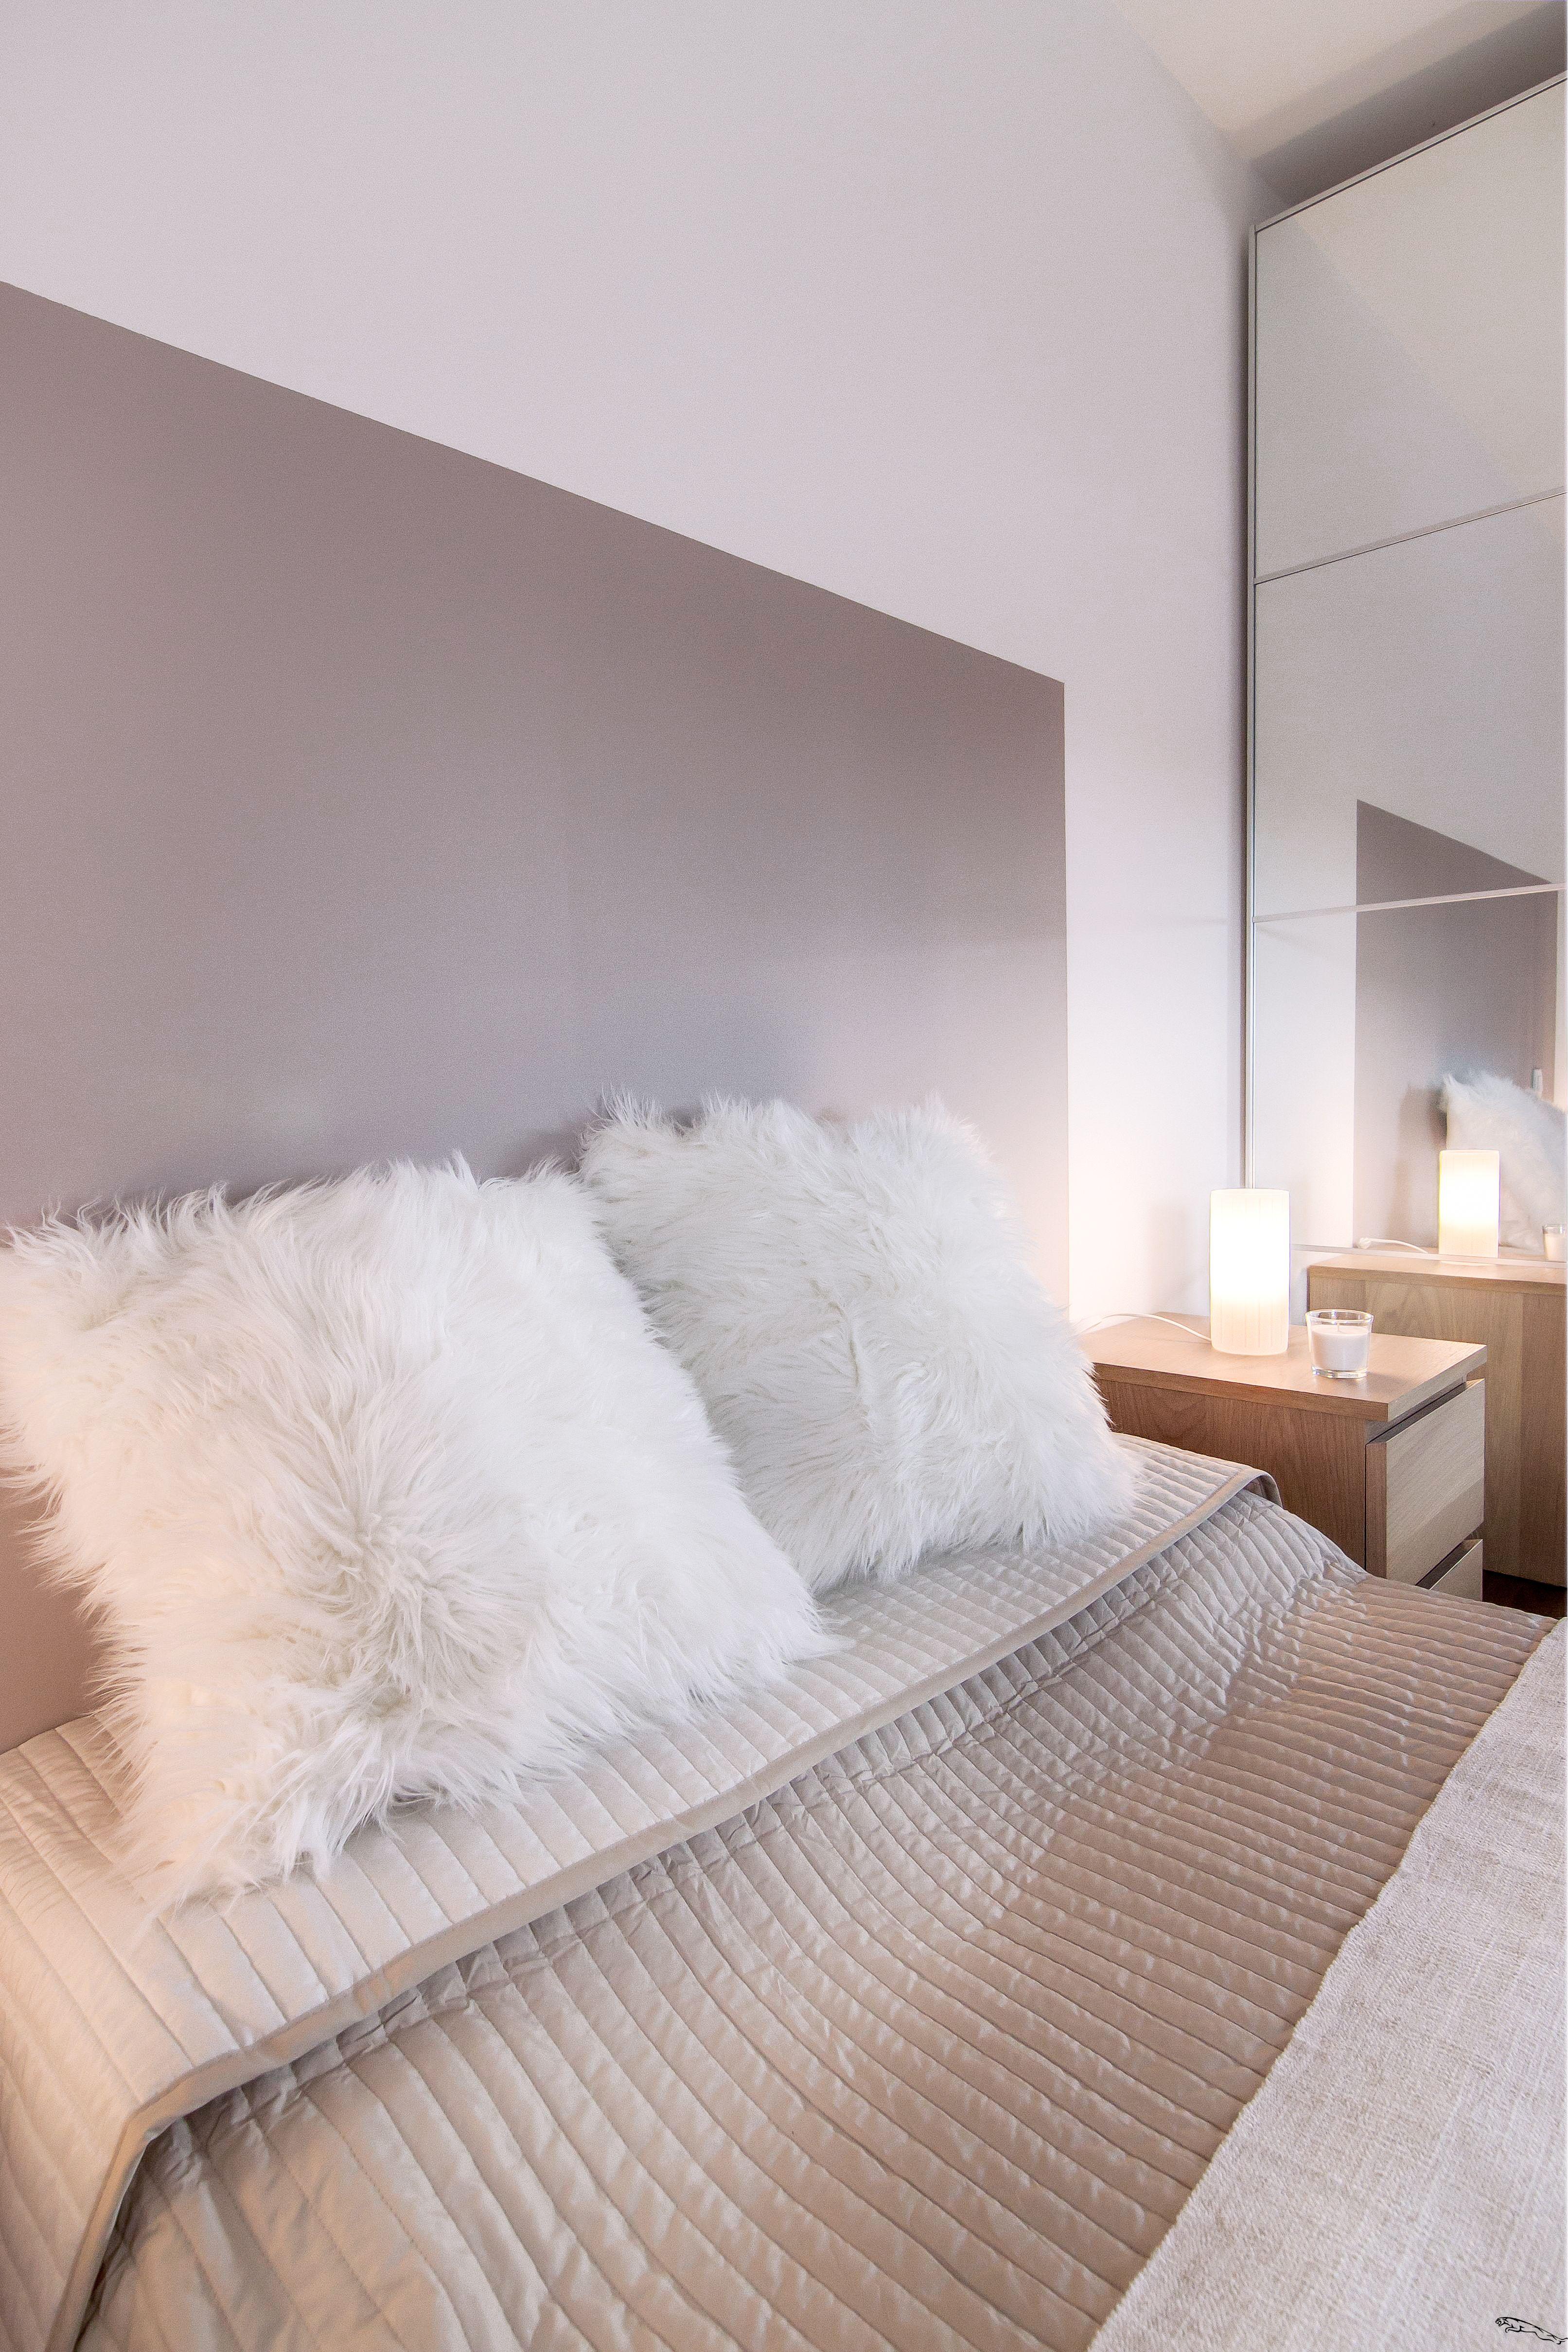 Chambre Cocooning Schlafzimmerbeige En 2020 Tete De Lit